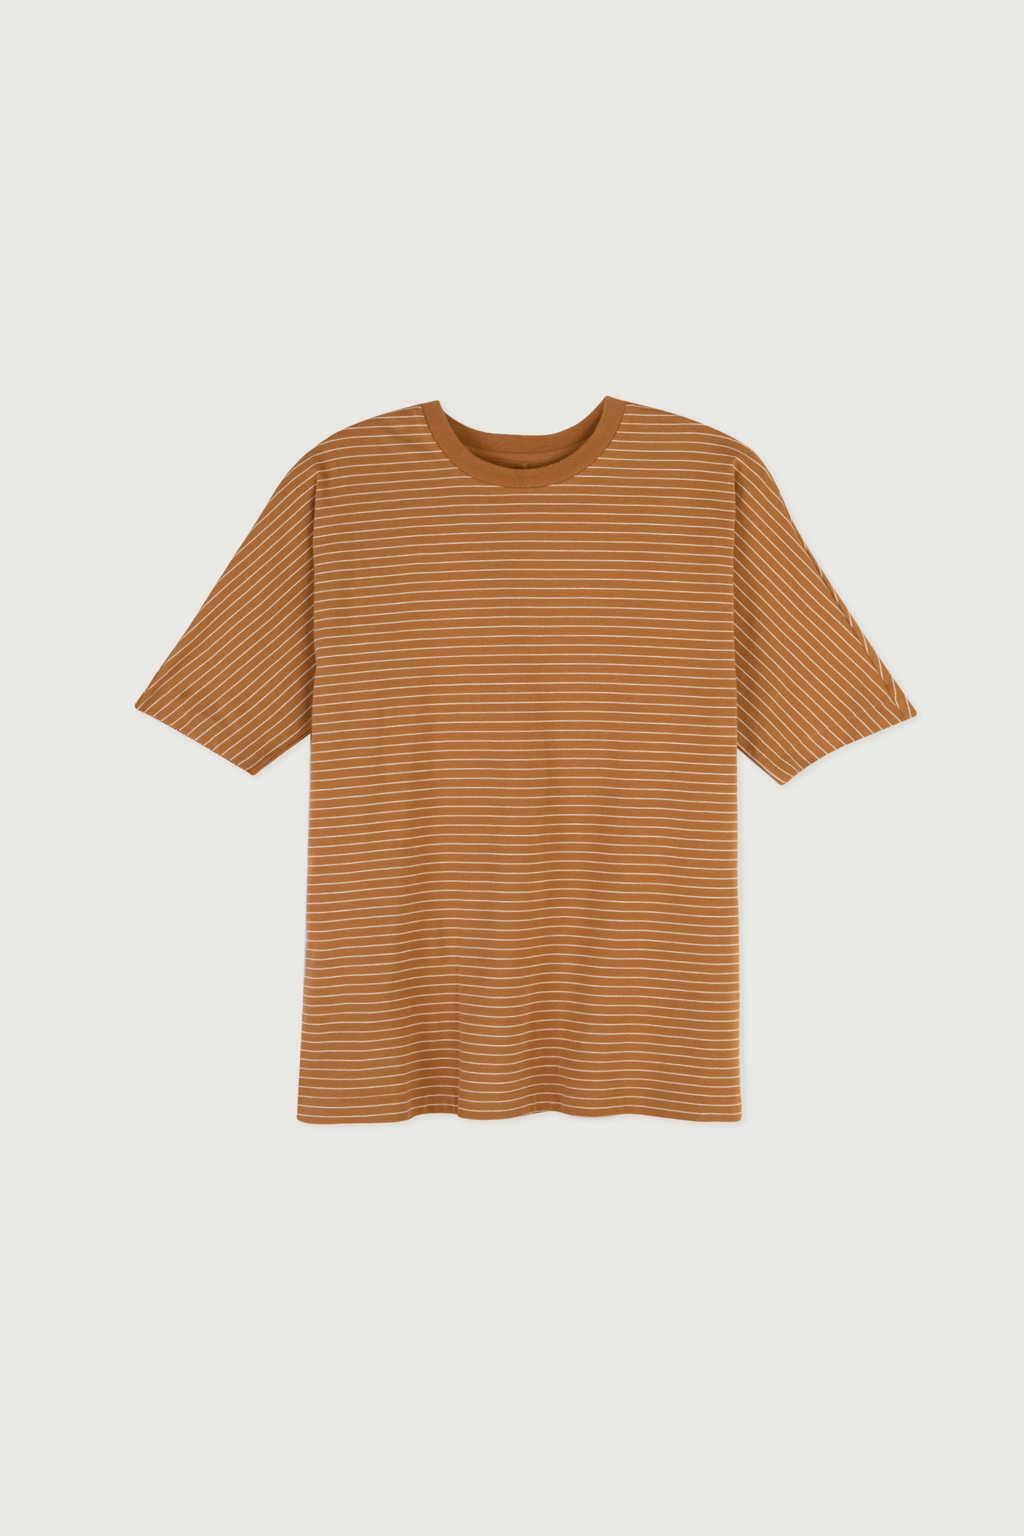 TShirt 3317 Tan Stripe 23